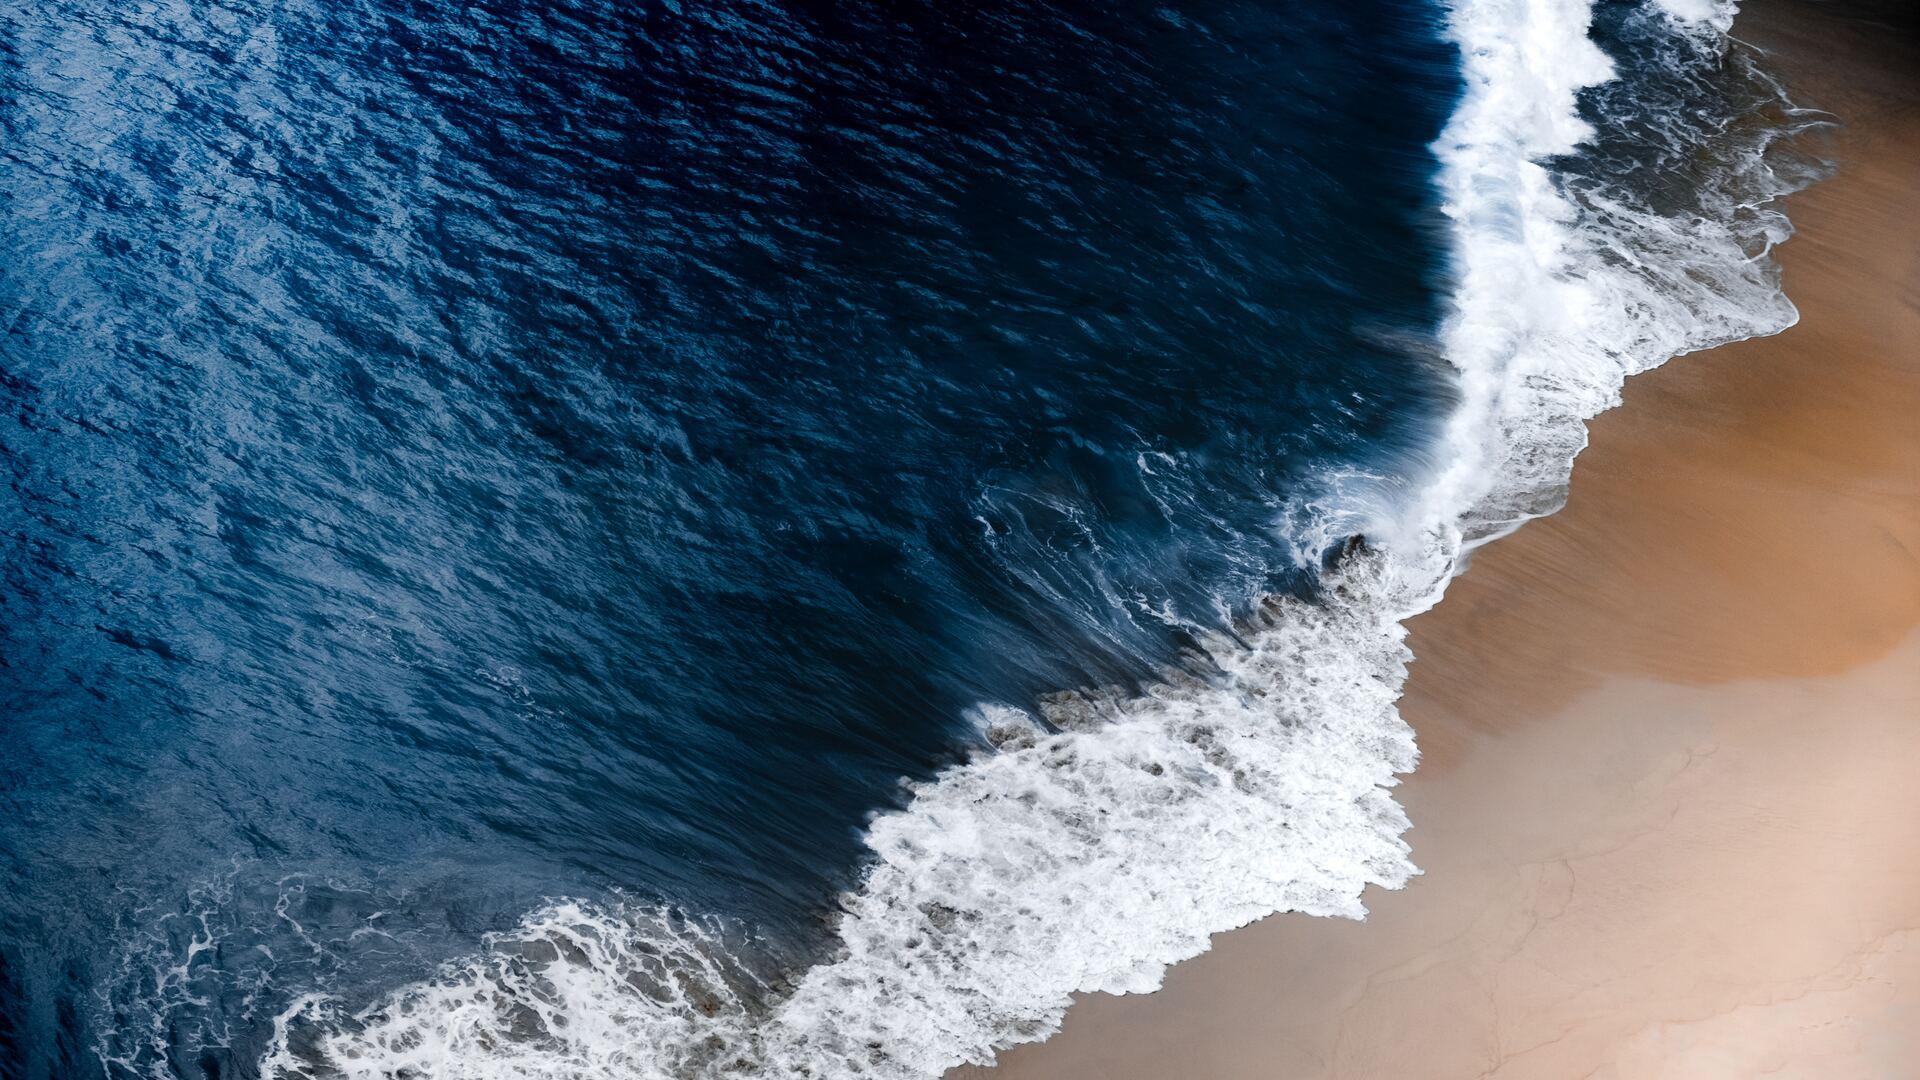 1920x1080 Blue Ocean Waves 5k Laptop Full HD 1080P HD 4k ...